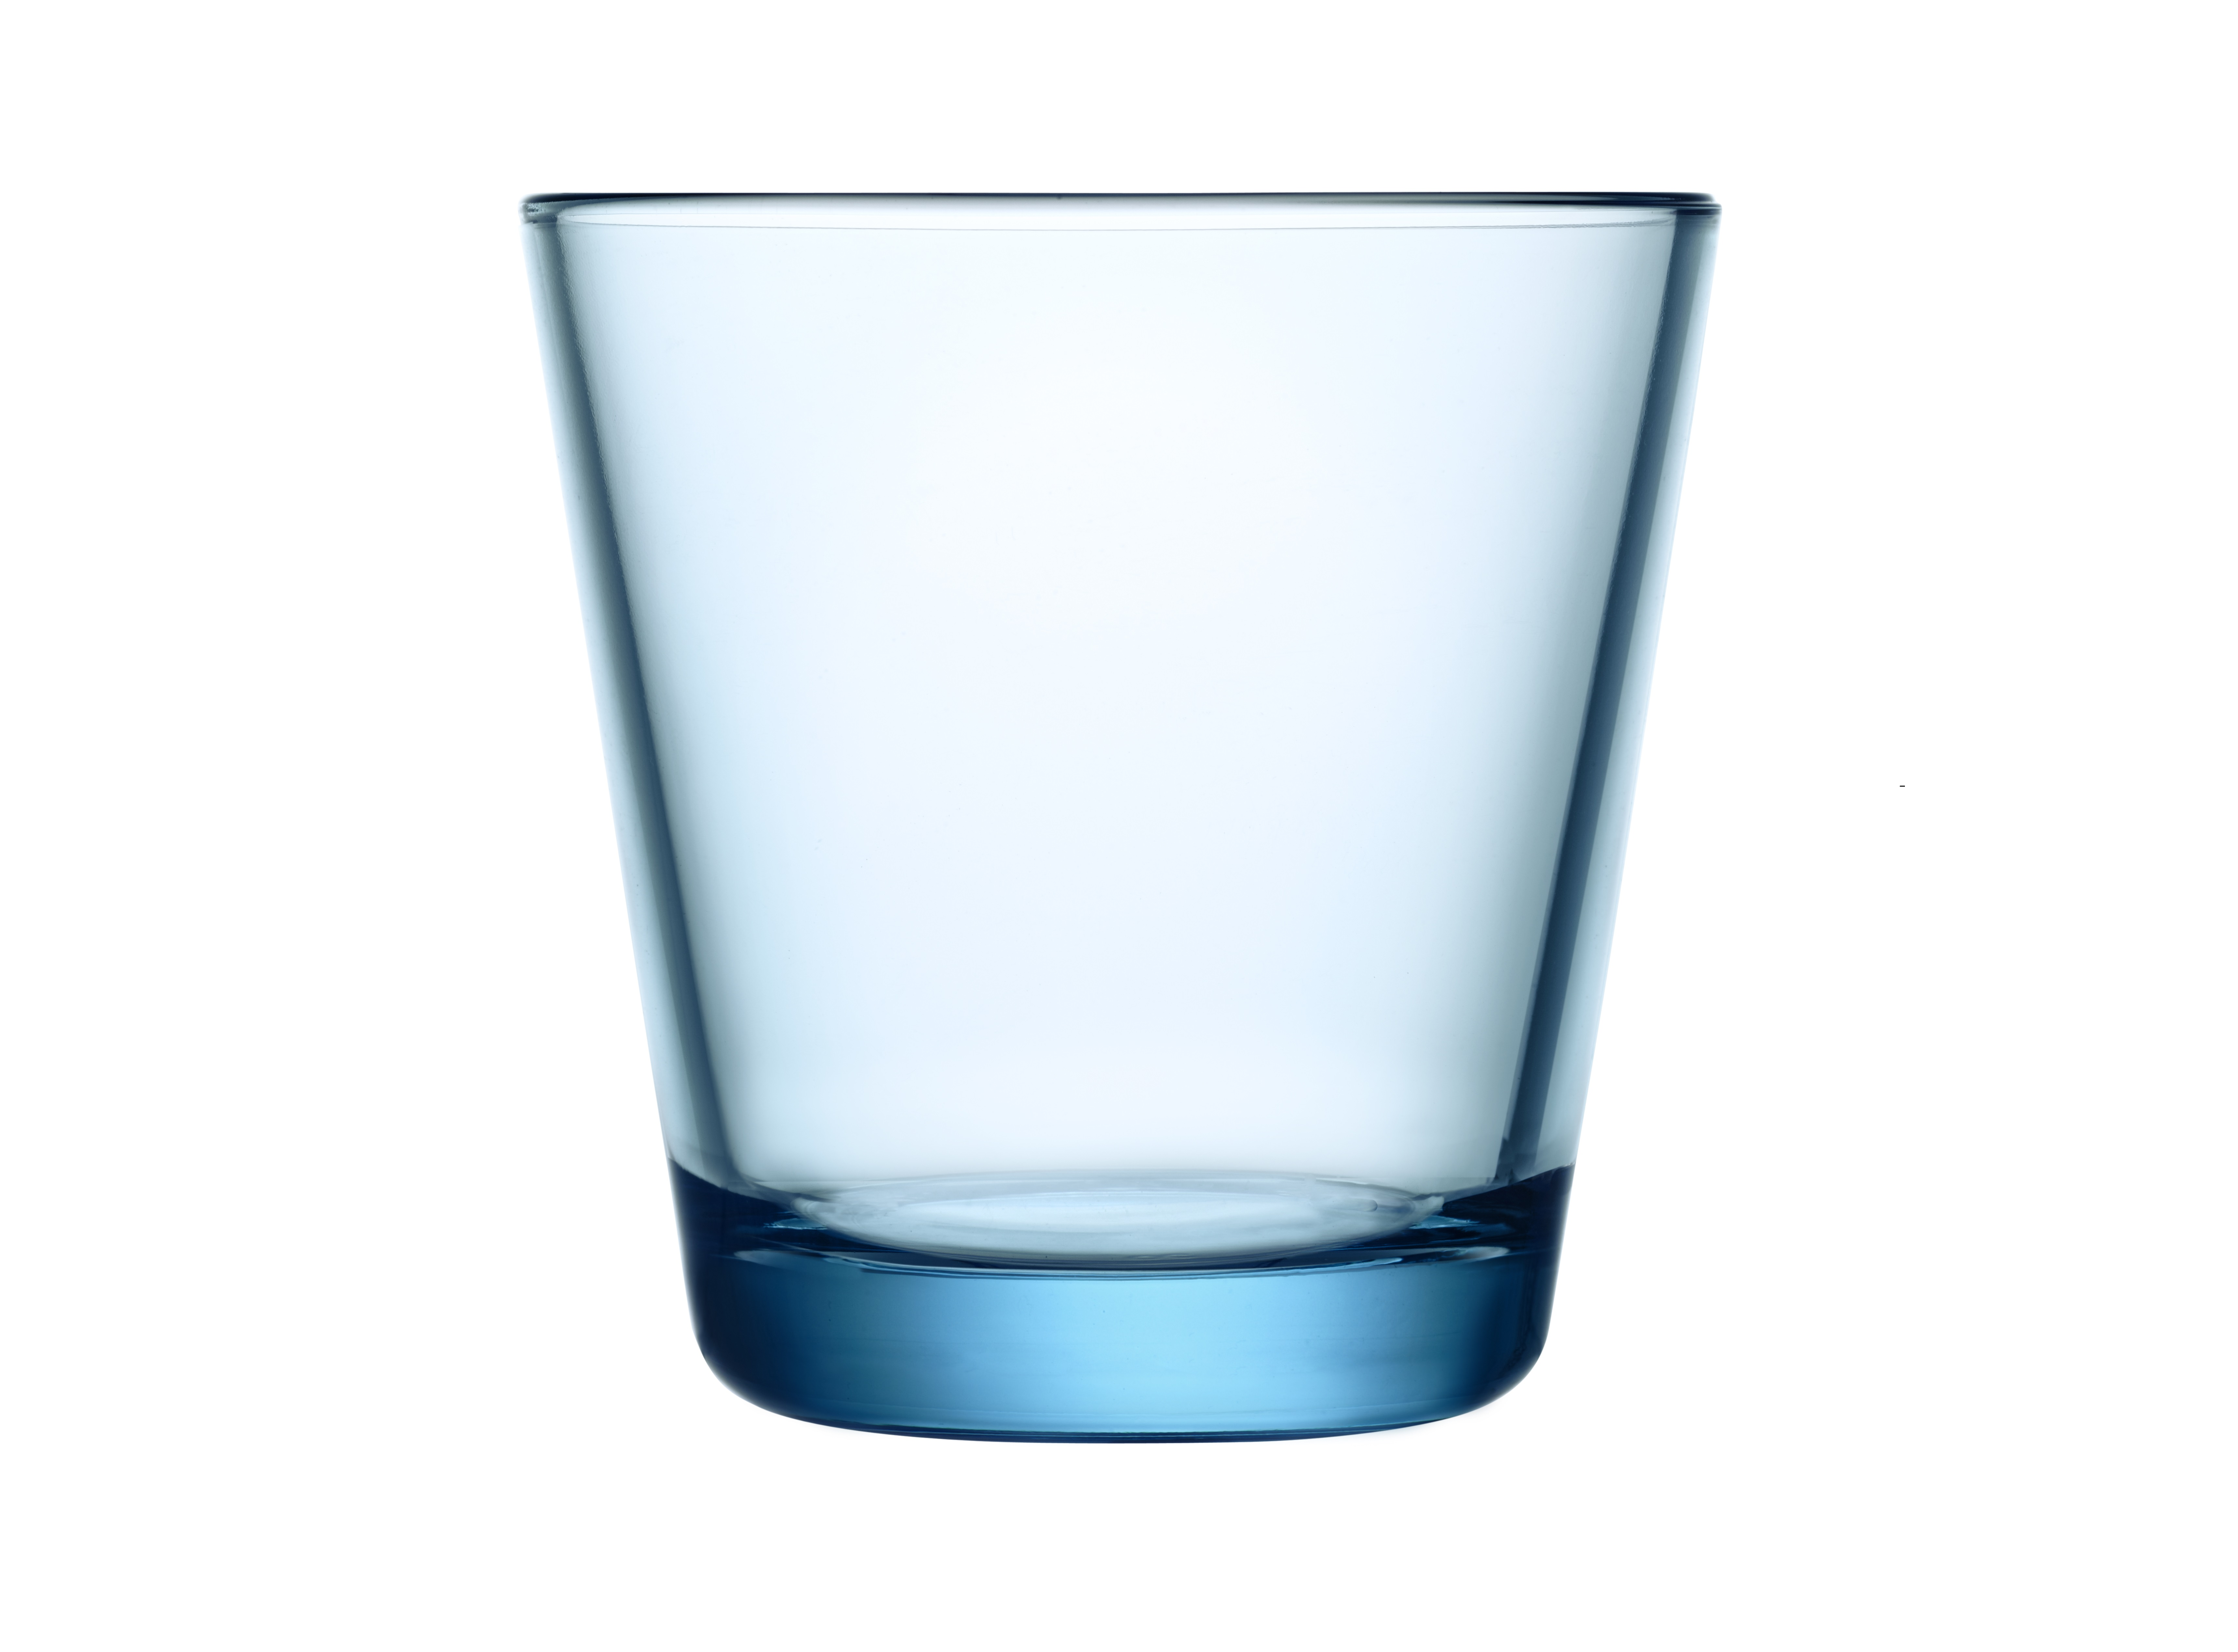 Стакан Kartio (2шт)Стаканы<br>Kartio является одним из творений выдающегося финского дизайнера Кая Франка, стиль которго отличался строгой геометричностью, лаконизмом и продуманными цветовыми решениями. Стаканы различных цветов, кувшины и чаши серии Kartio отлично подходит для ежедневного использования.<br><br>Material: Стекло<br>Length см: None<br>Width см: 16<br>Depth см: 9<br>Height см: 8<br>Diameter см: None